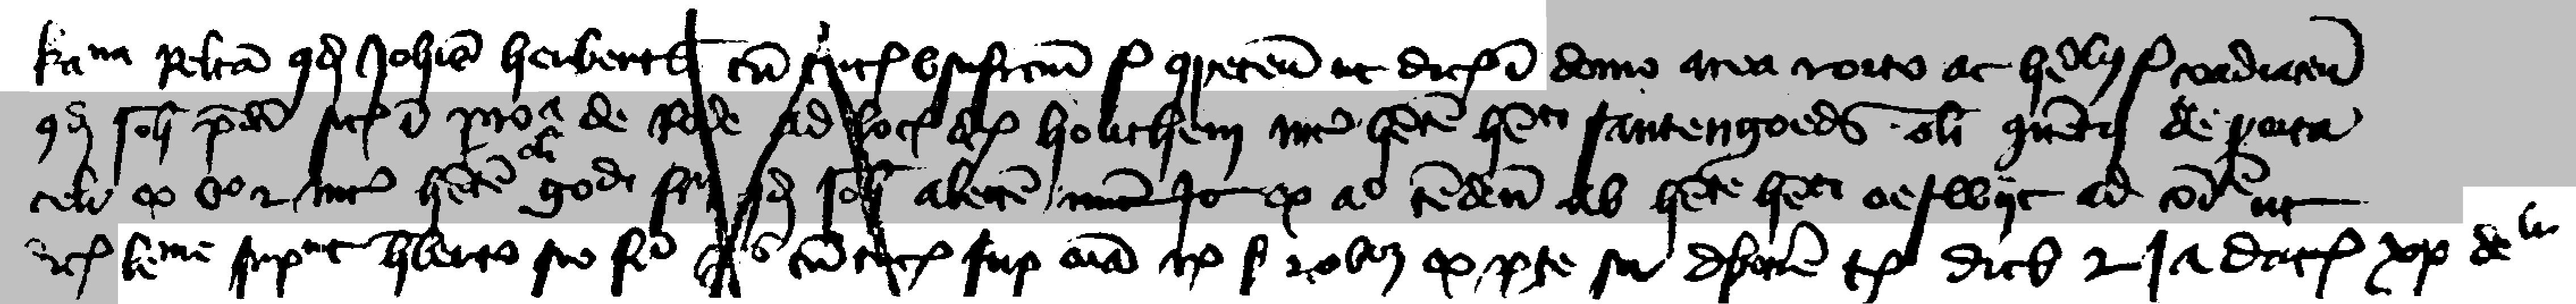 akte uit 1425 mbt Henrick Santengoeds